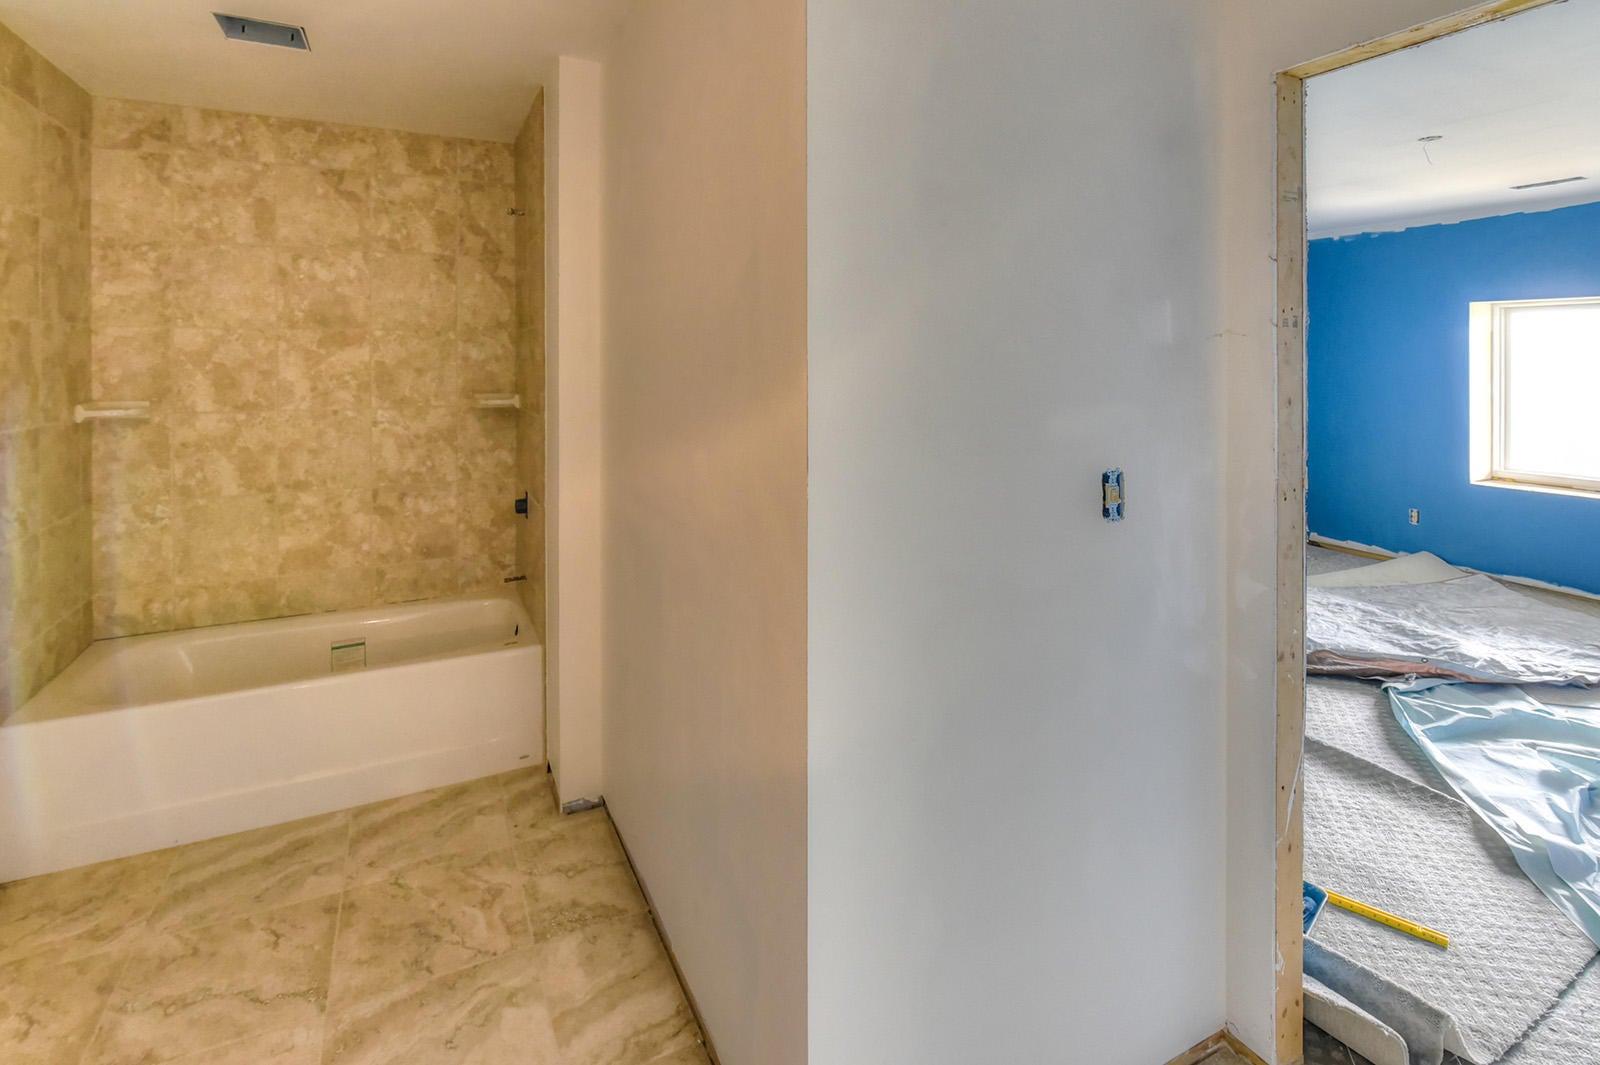 37 - Down - Bedrm5 Bath